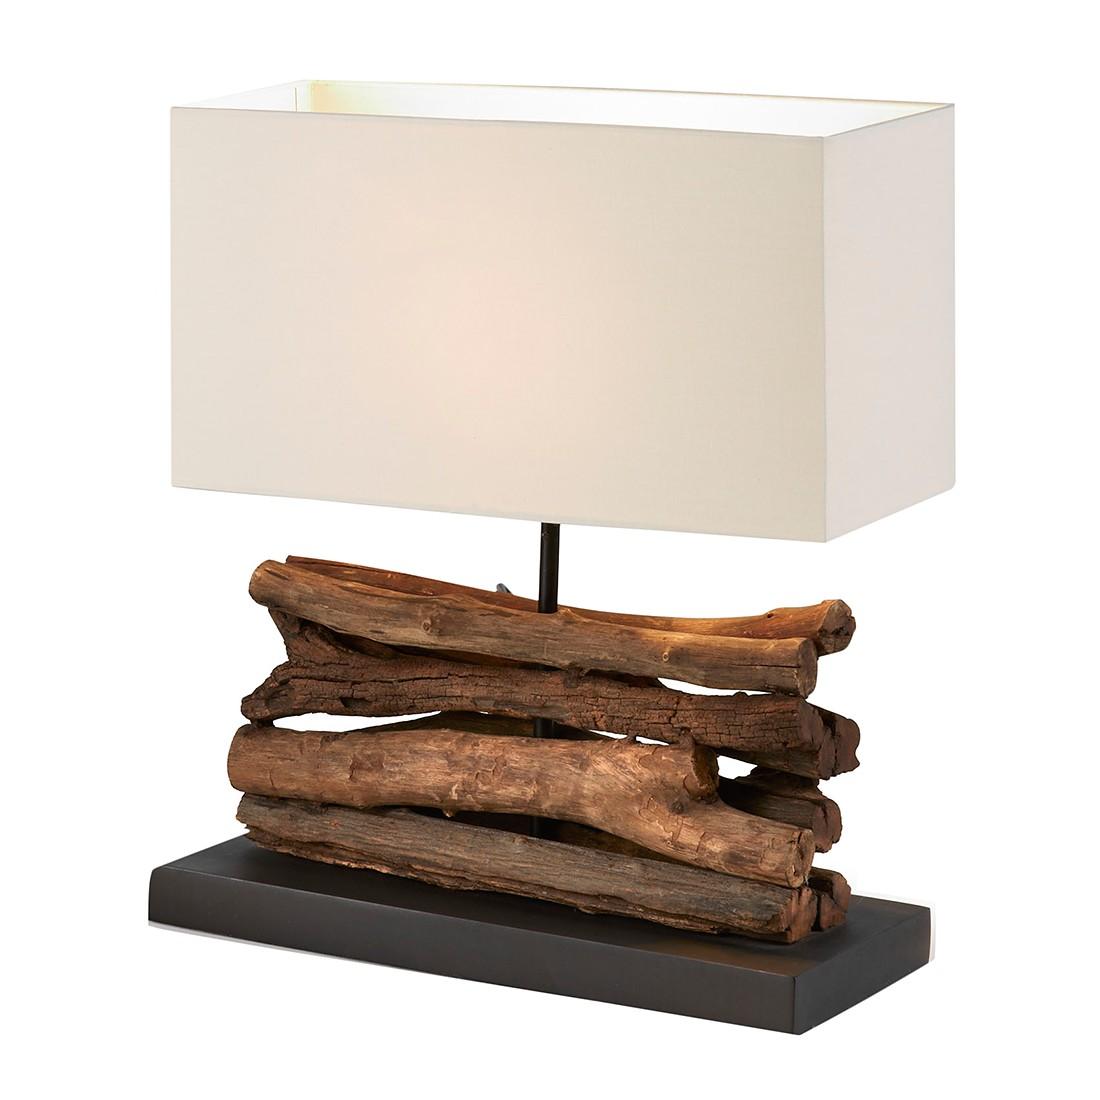 EEK A++, Lampe de table Sahai by Julià - Bois / Tissu 1 ampoule, Naturoo